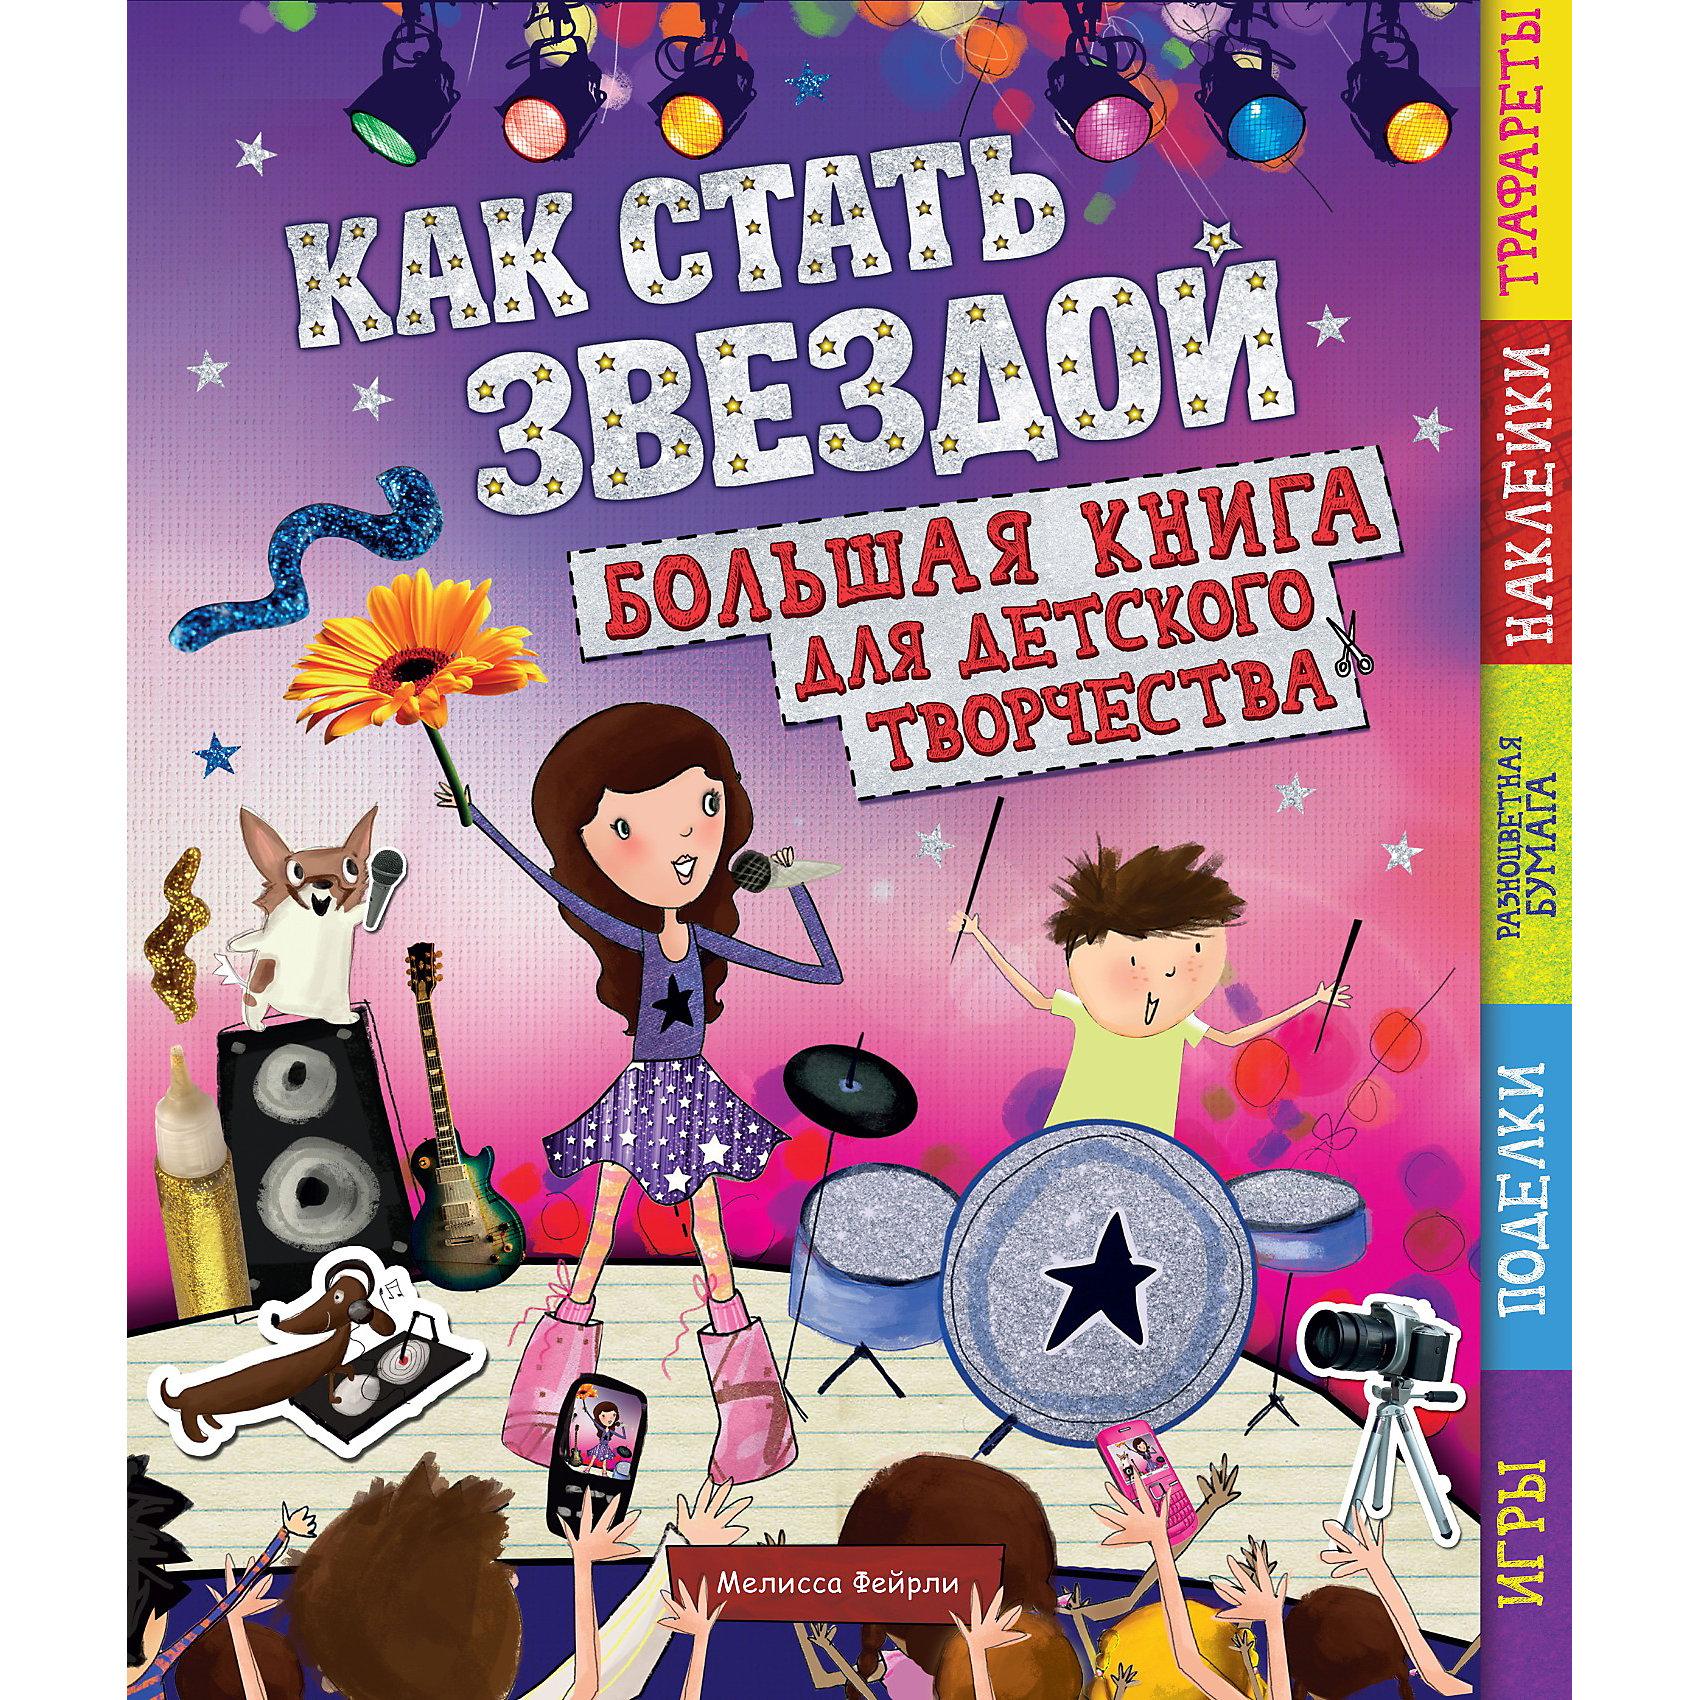 Большая книга для детского творчества